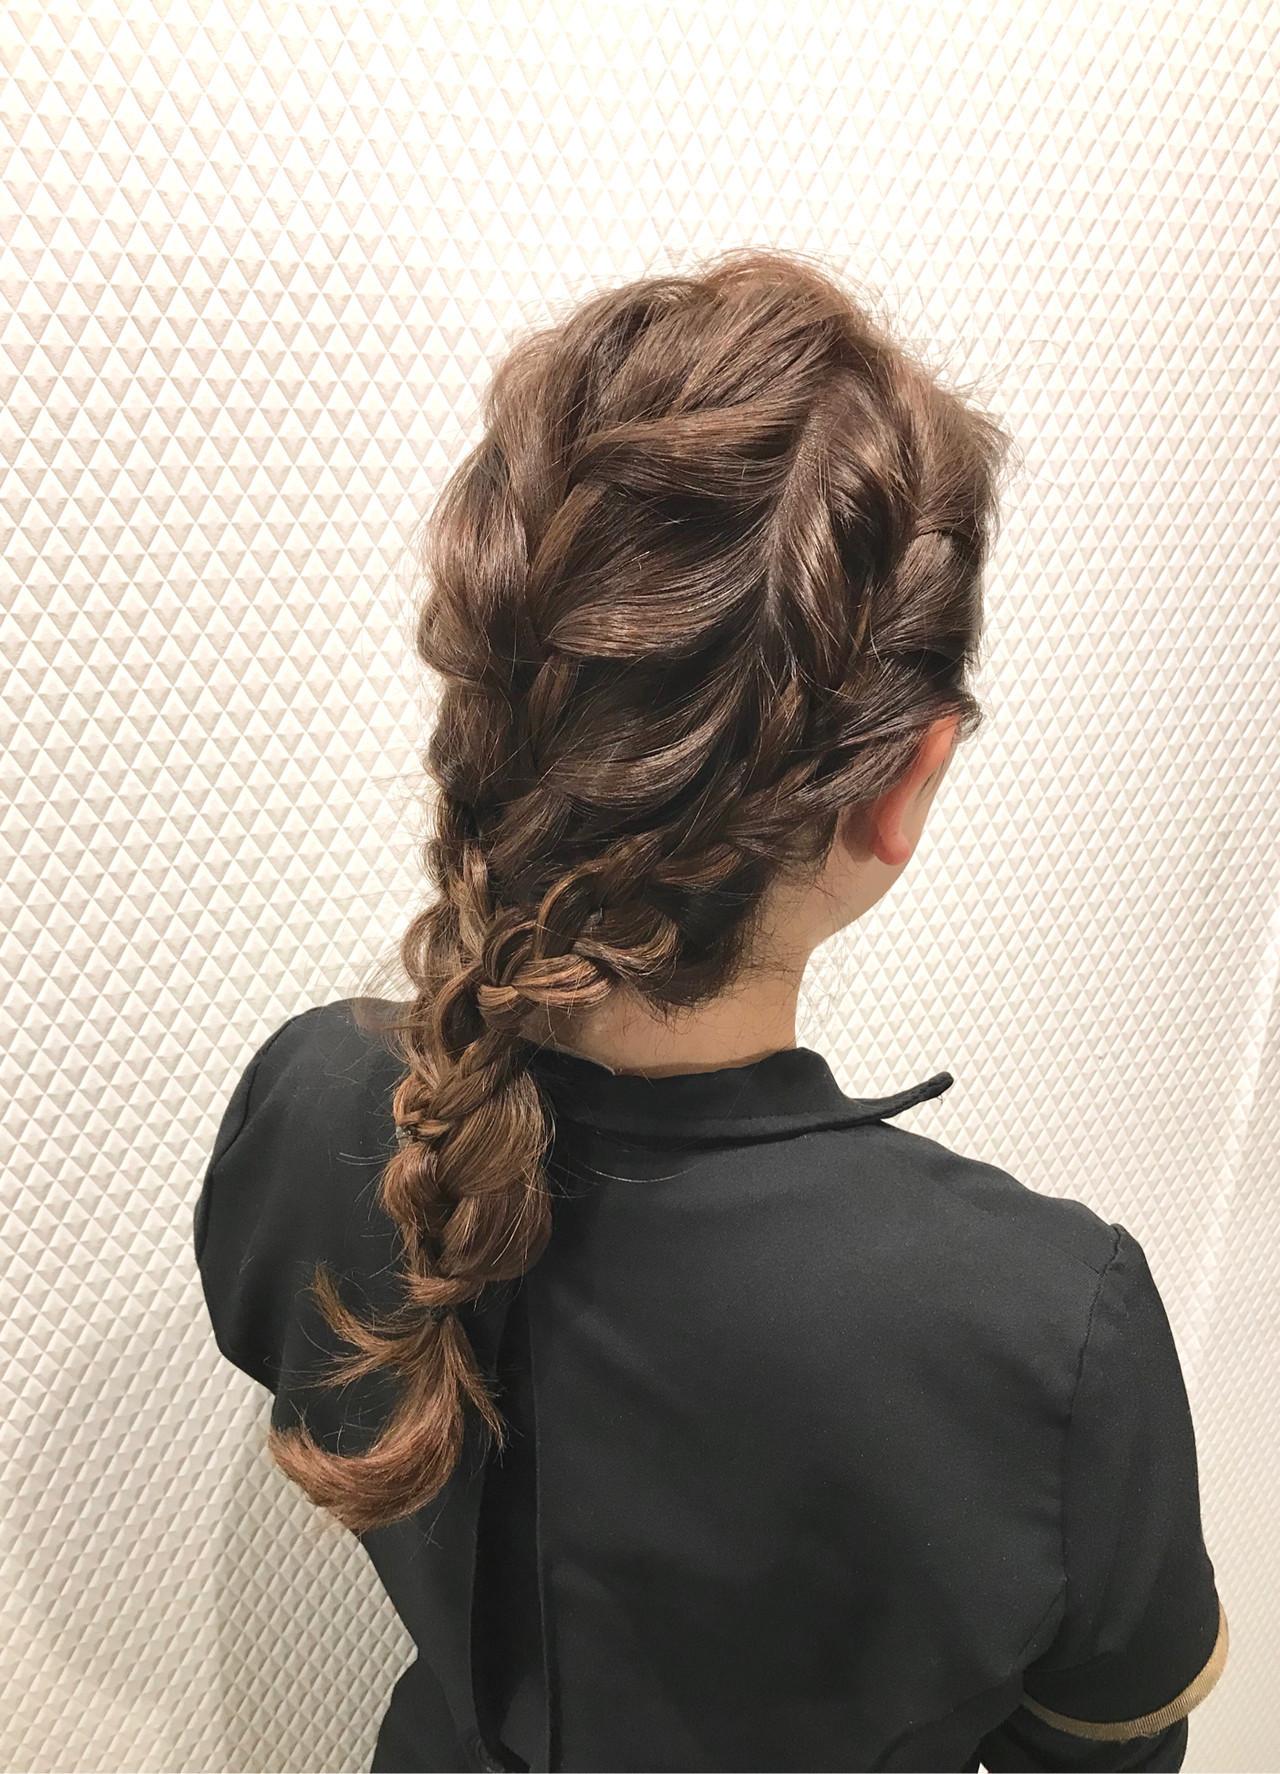 大人カジュアル ナチュラル 簡単ヘアアレンジ カジュアル ヘアスタイルや髪型の写真・画像